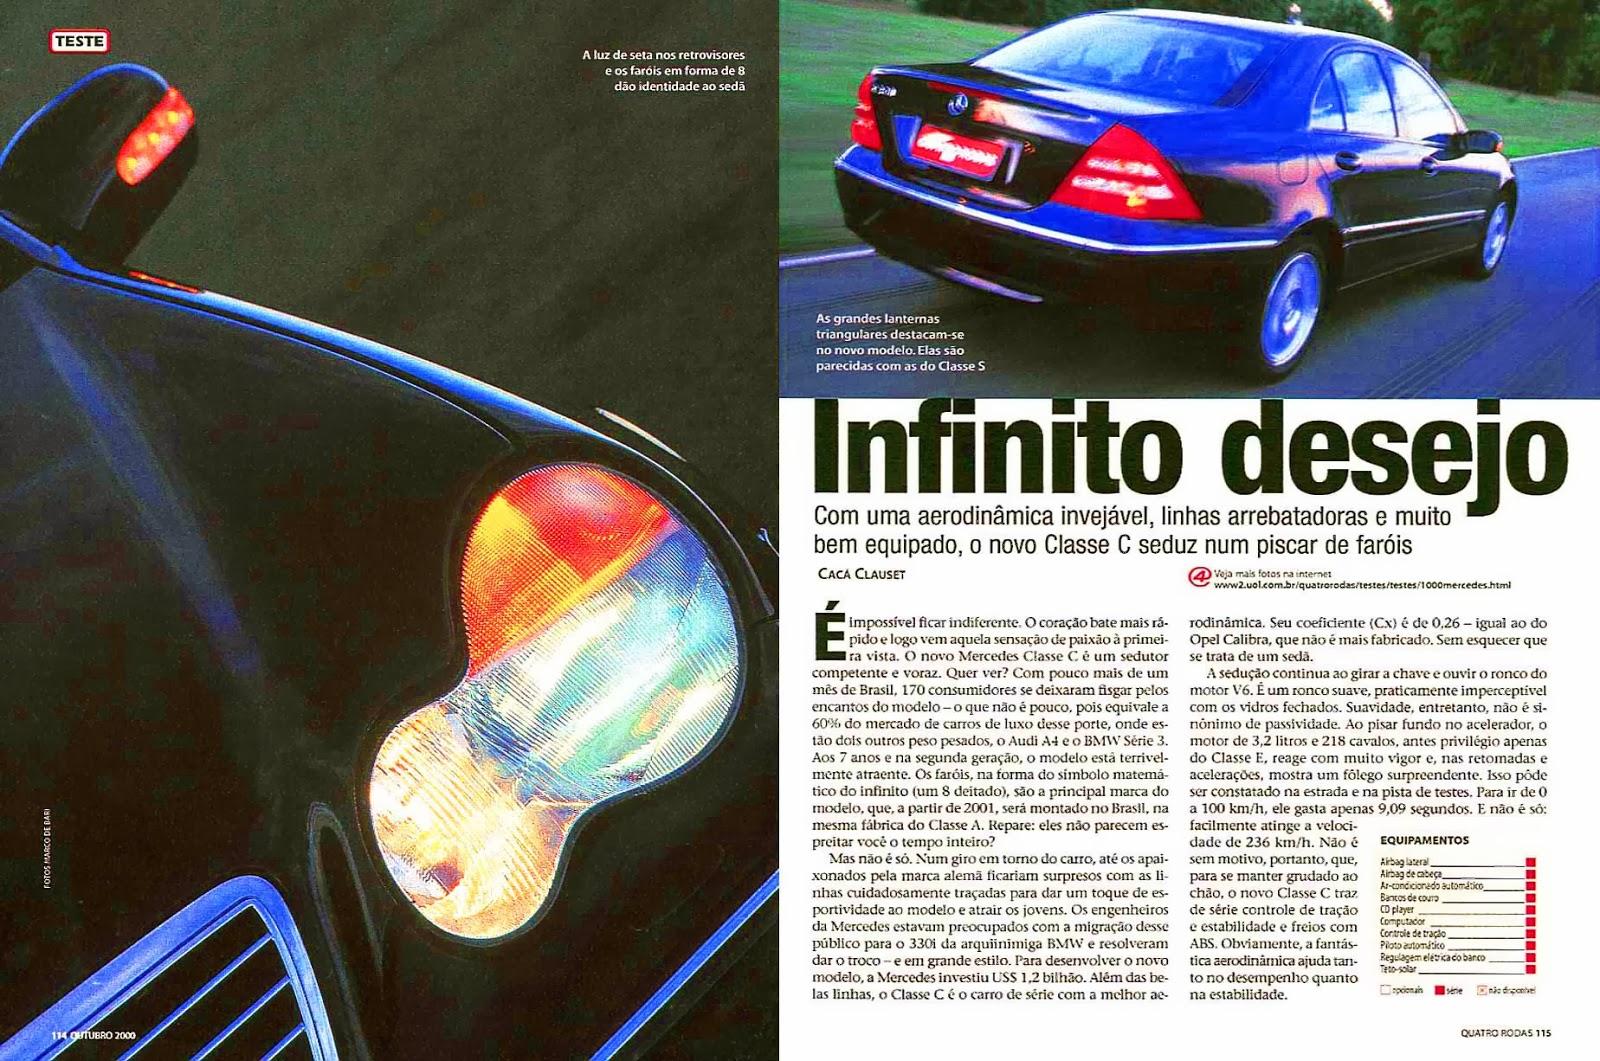 (W203): Avaliação - Revista Quatro Rodas - C320 - outubro/2000 483%252C115%252C40%252C10%252CTE